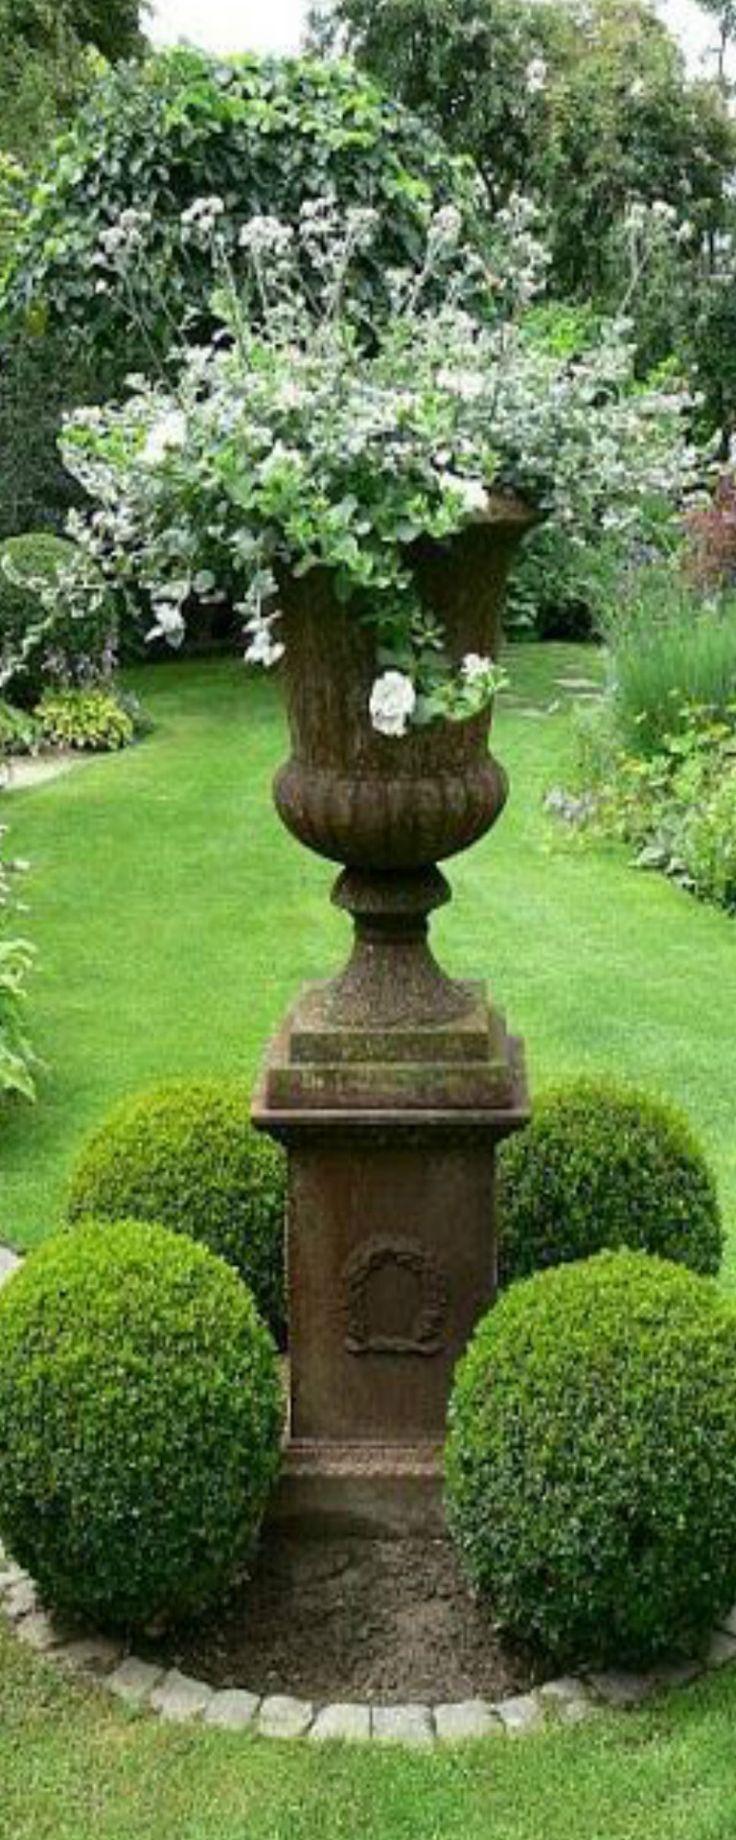 1e660d b2e663f a4c2e garden urns lush garden